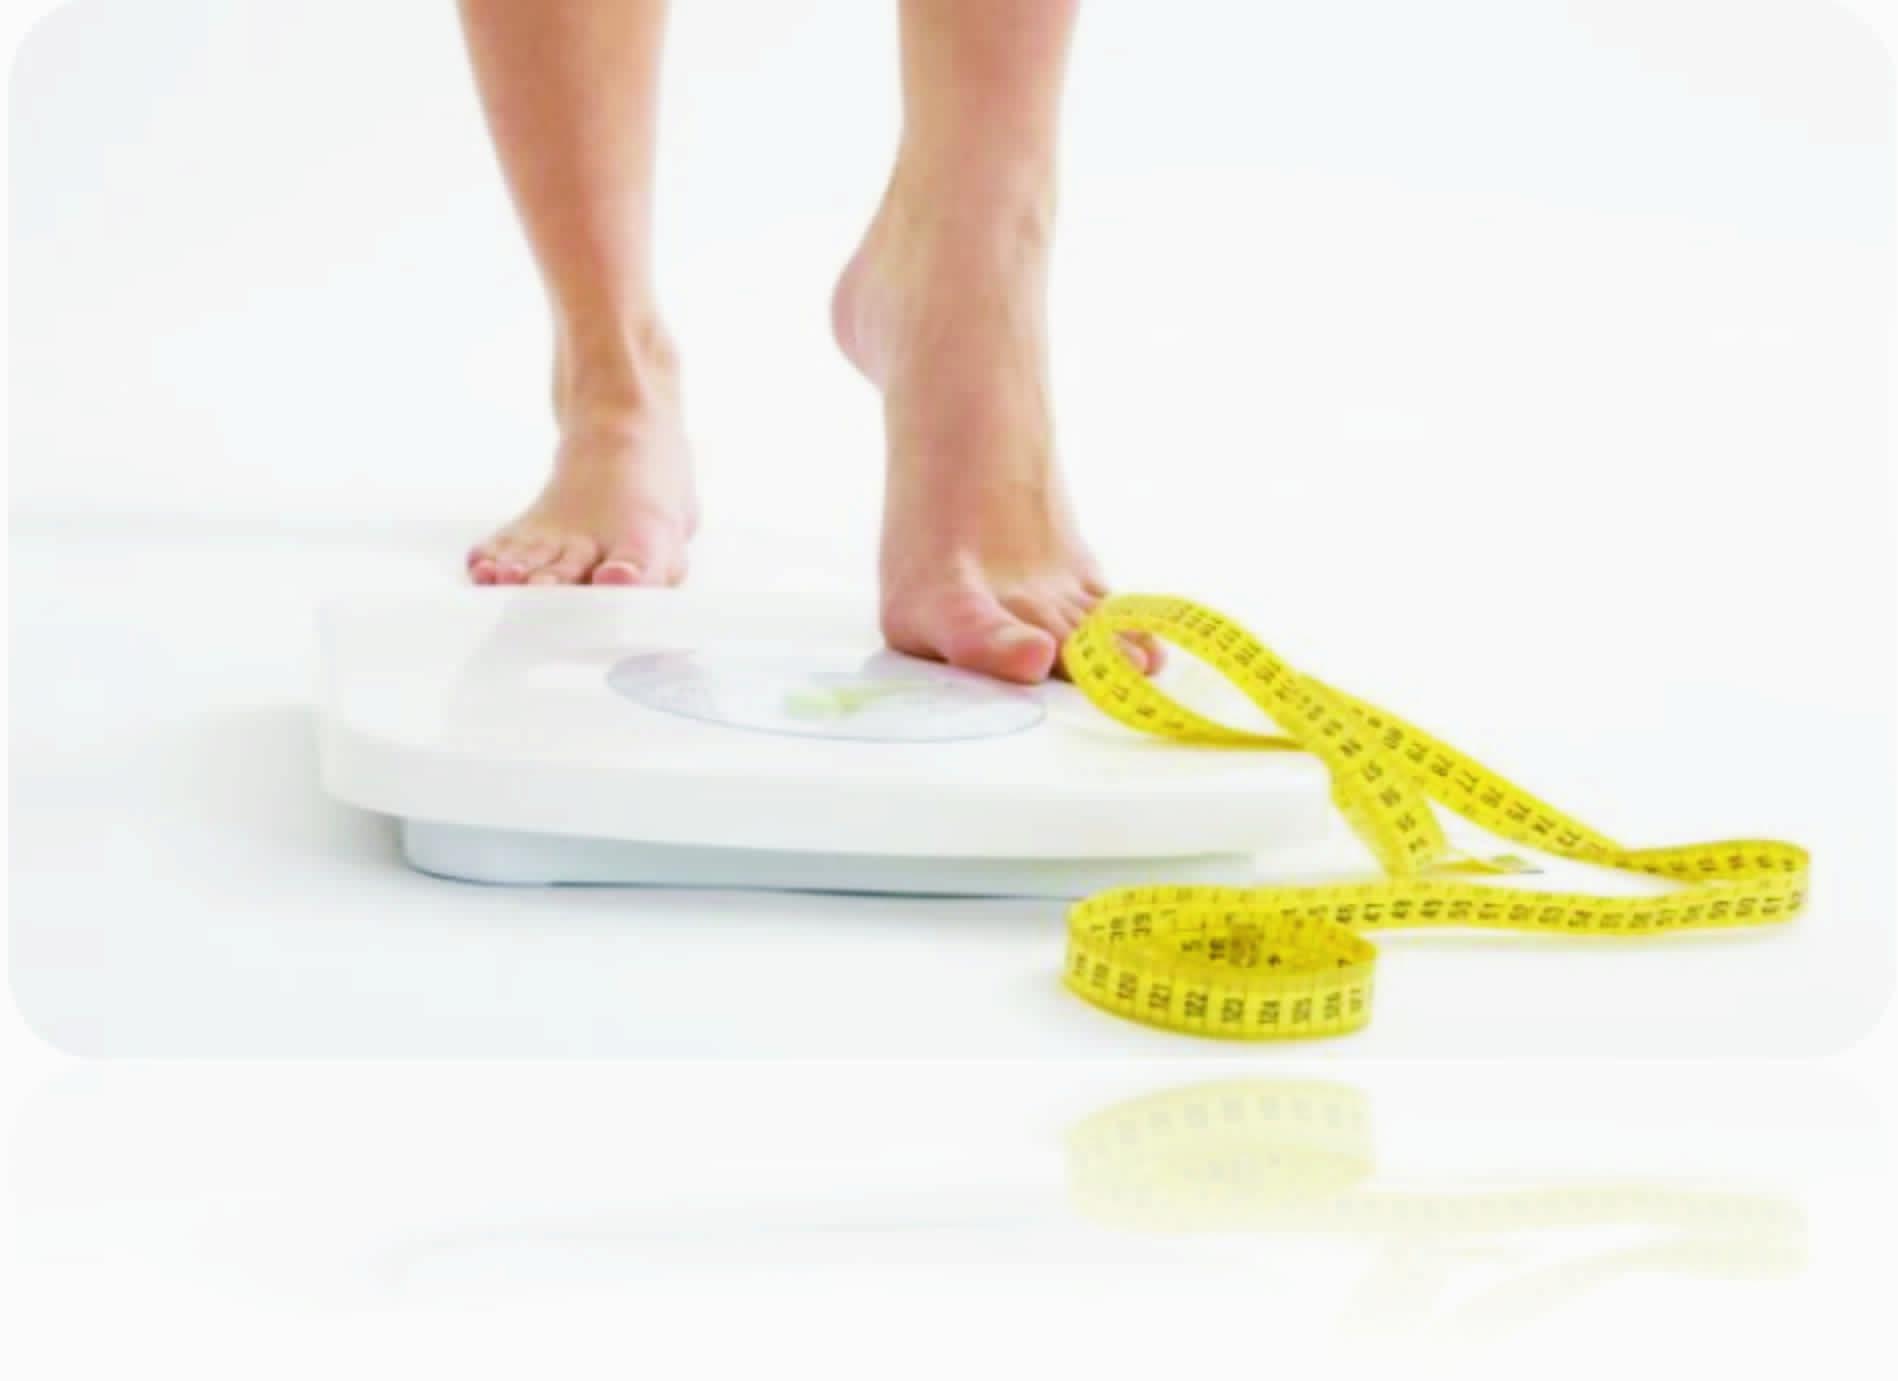 أفضل الطرق الفعالة لزيادة الوزن